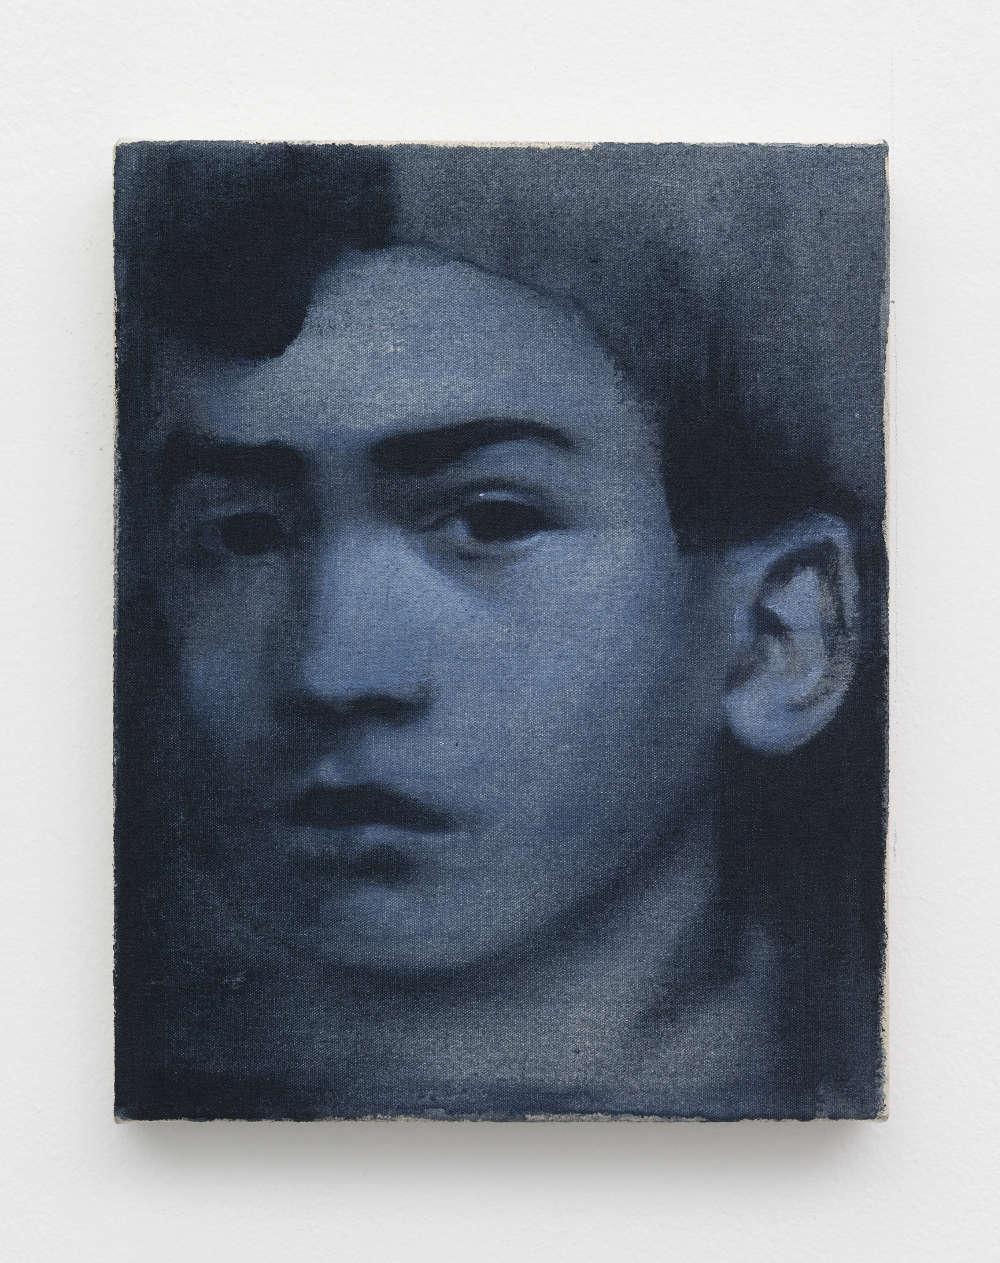 Giulia Andreani, Pasolini, 2017. Acrylic on canvas 24 x 19 cm (9.45 x 7.48 inches)